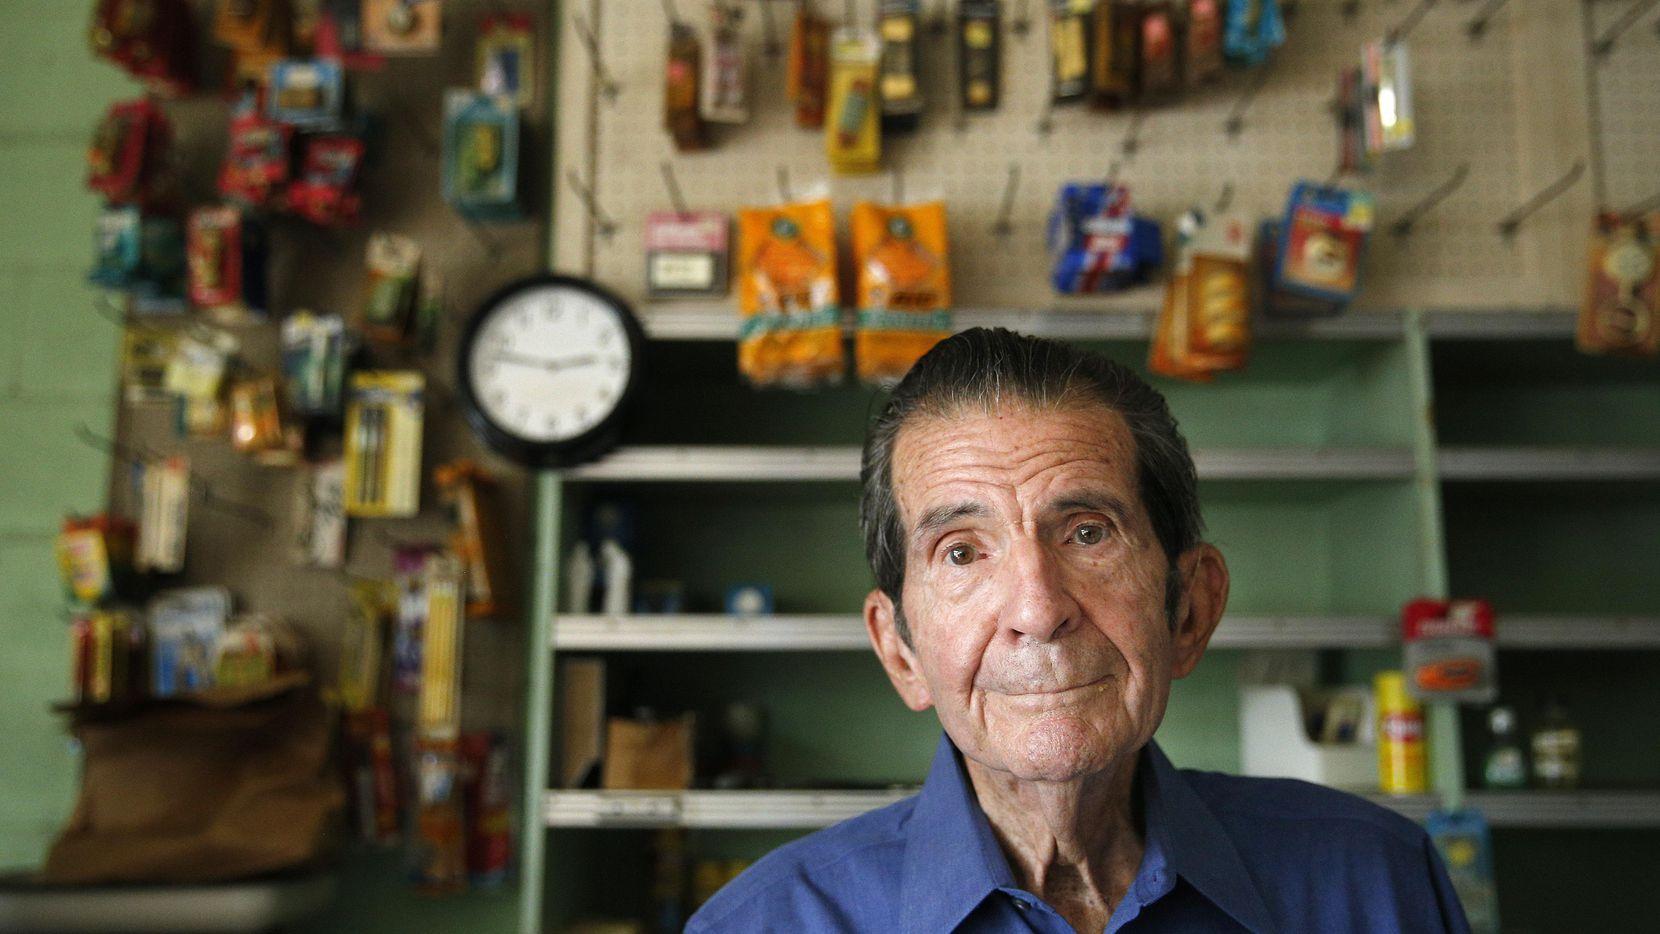 Charlie Villasana desde su tienda de abarrotes (ya no abierta al público) en Harry Hines Boulevard. Villasana es uno de los últimos residentes de Little Mexico. LOUIS DeLUCA/DMN